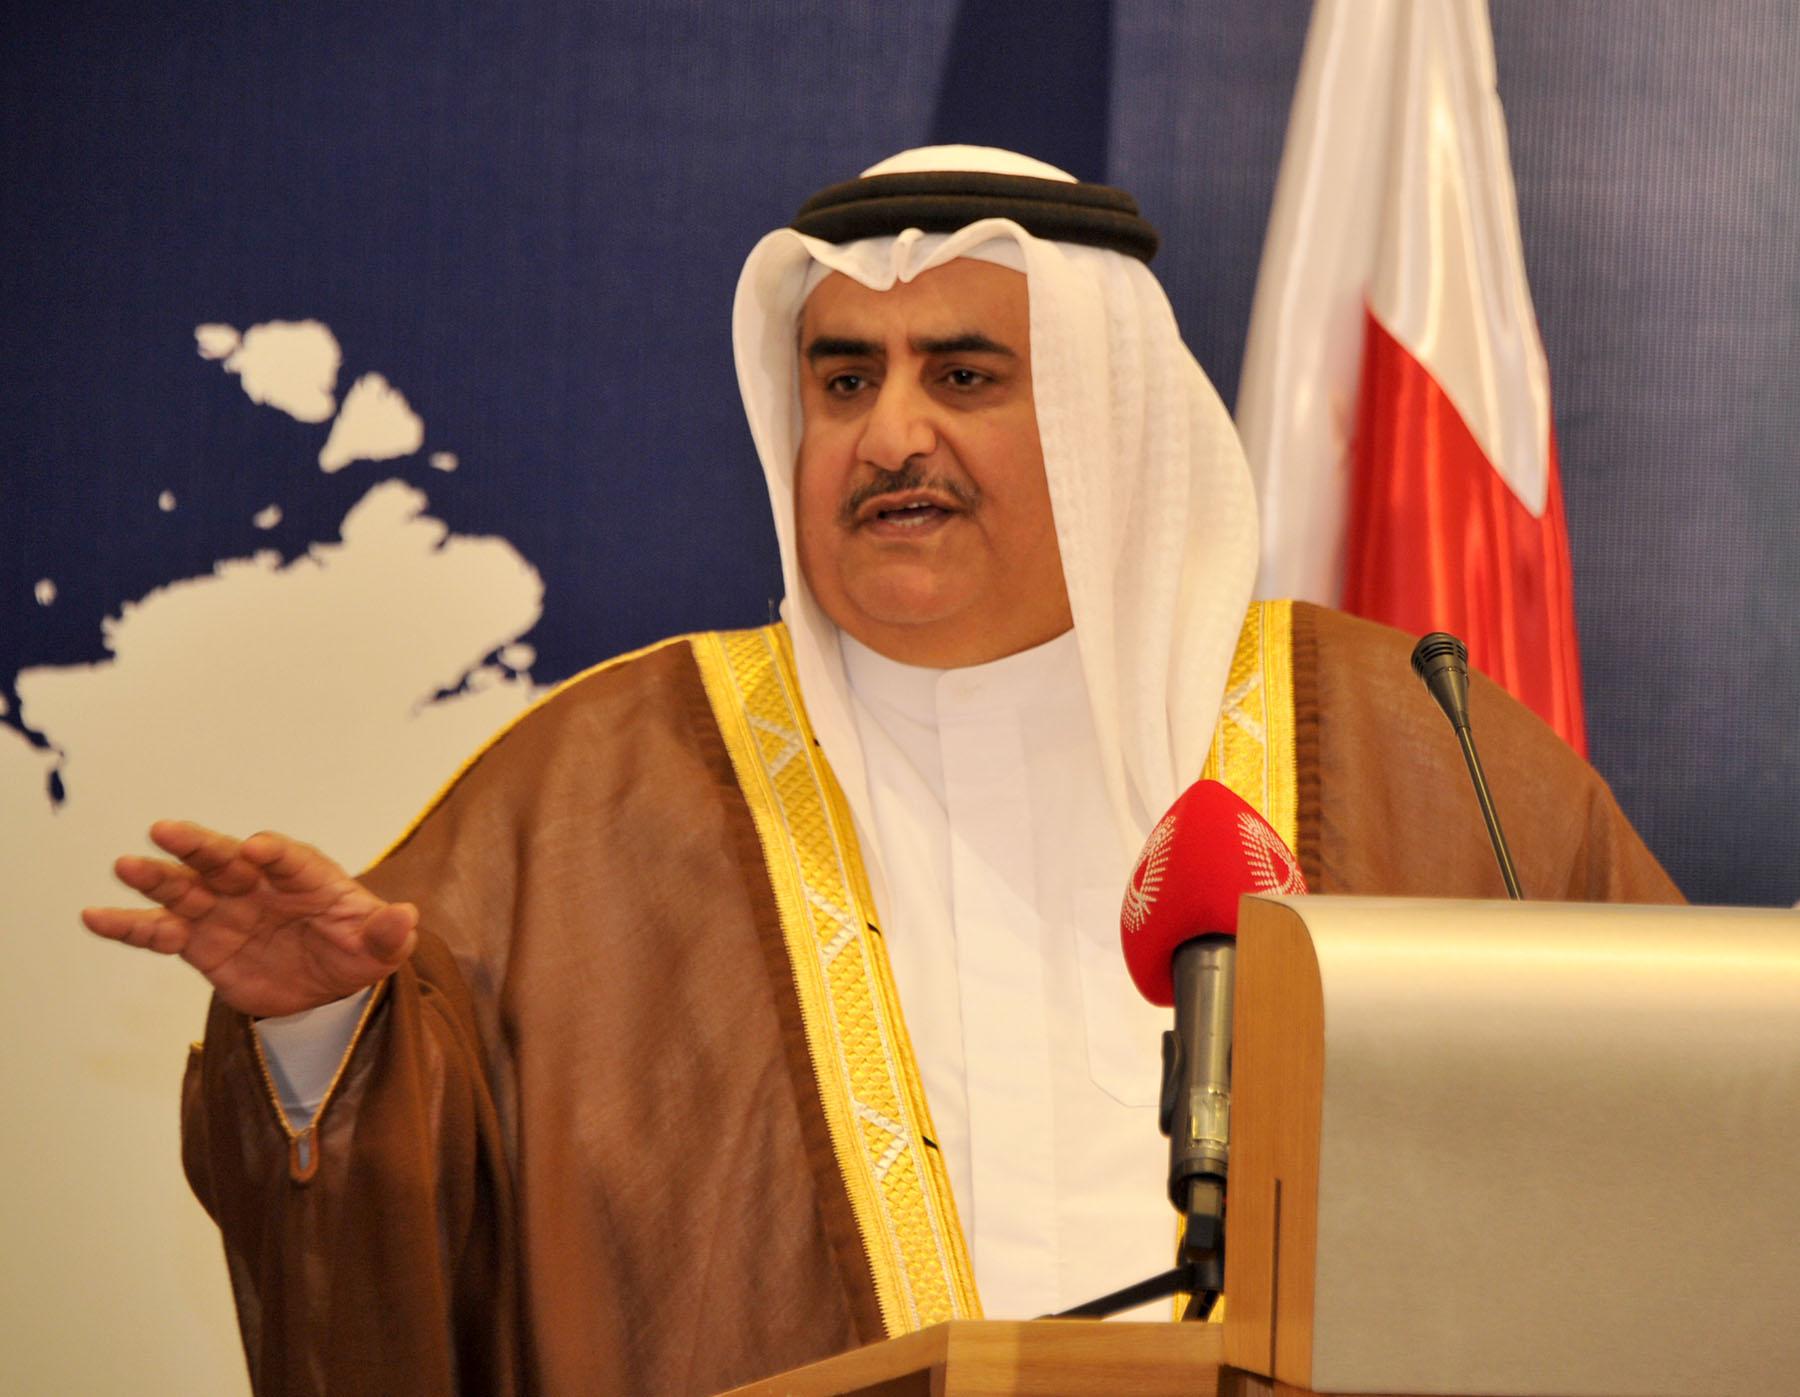 وزير الخارجية الشيخ خالد بن أحمد آل خليفة